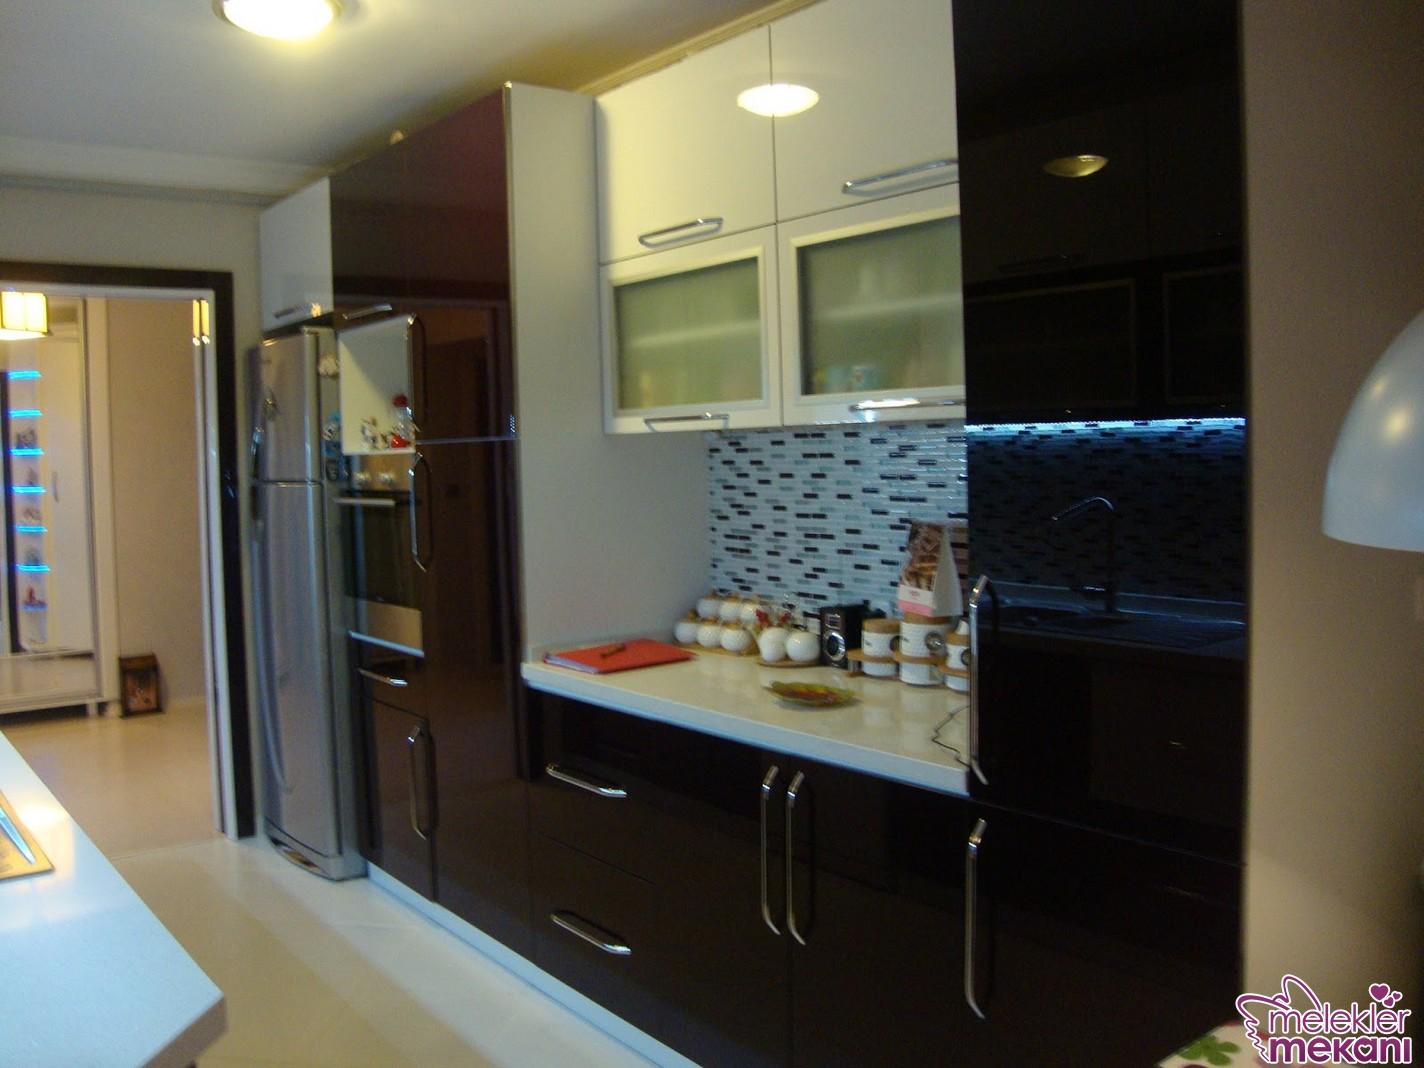 Ledli aydınlatma sistemlerini dolap altlarında kullanarak daha aydınlık görünümlü mutfaklara kavuşabilirsiniz.